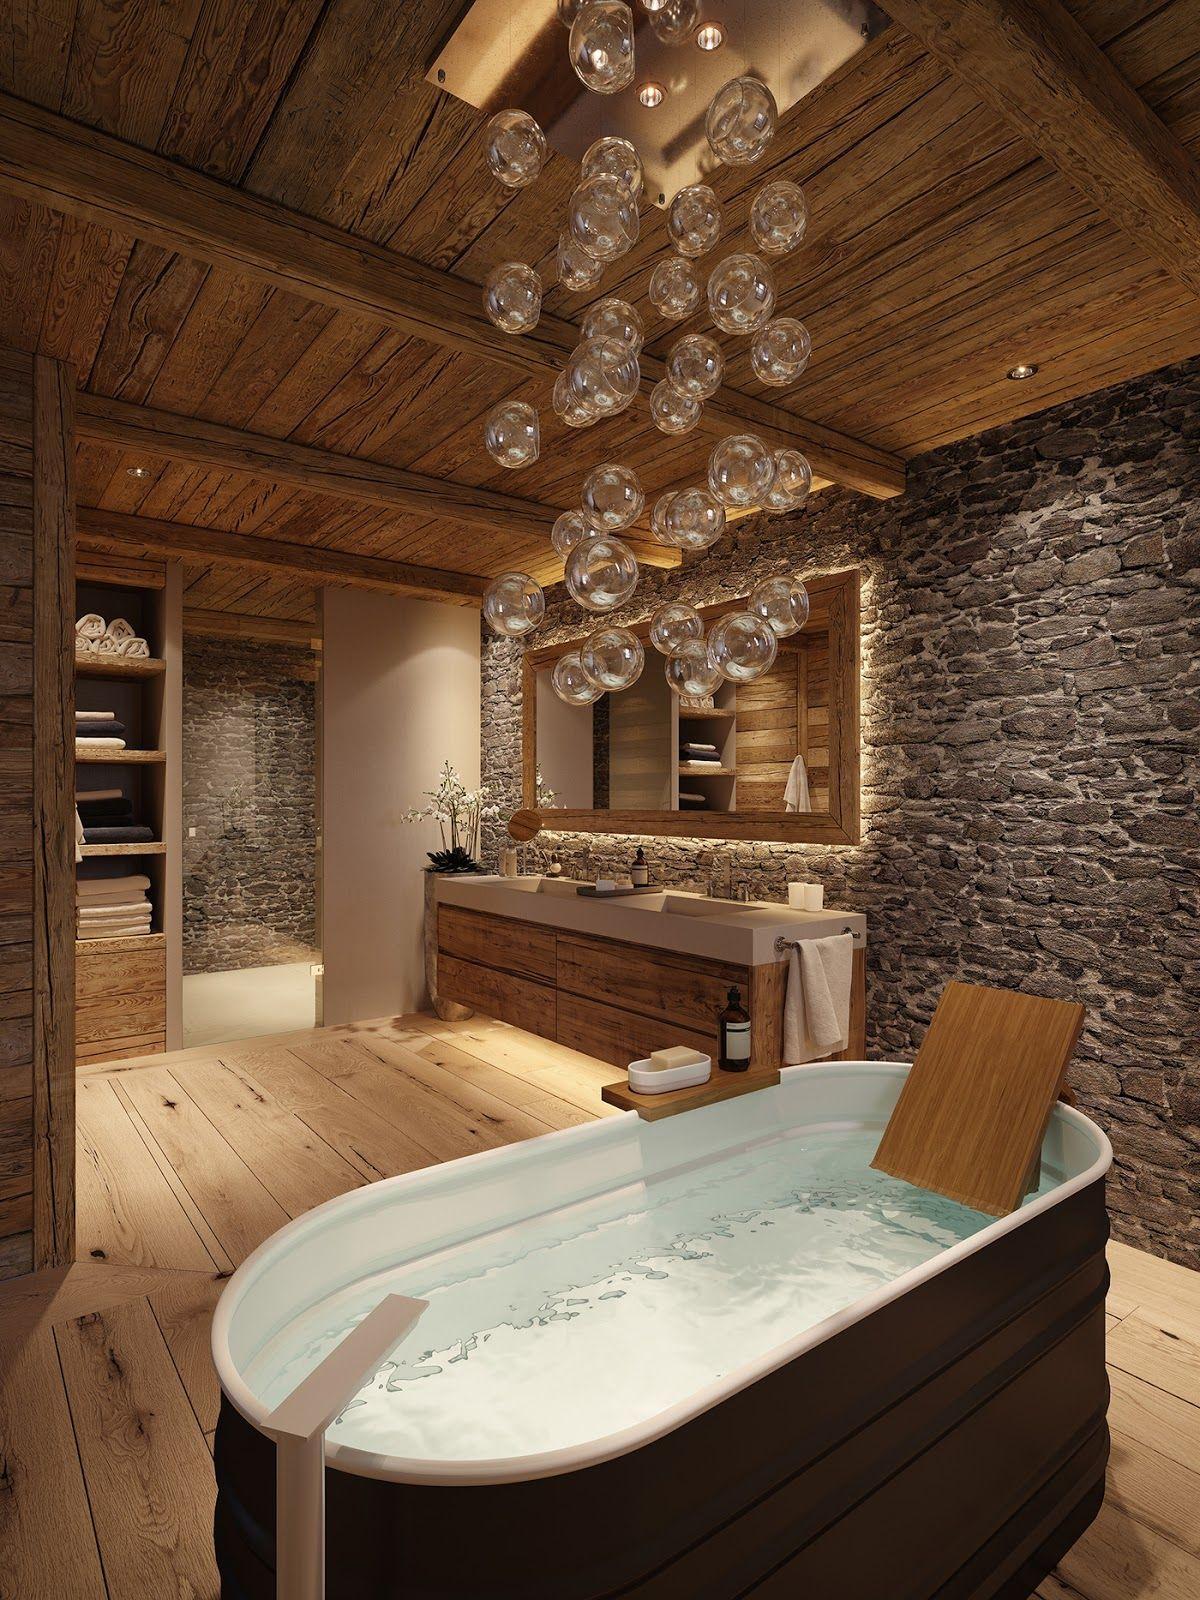 Casinha Colorida Banheiros E Banheiras, Um Caso De Amor